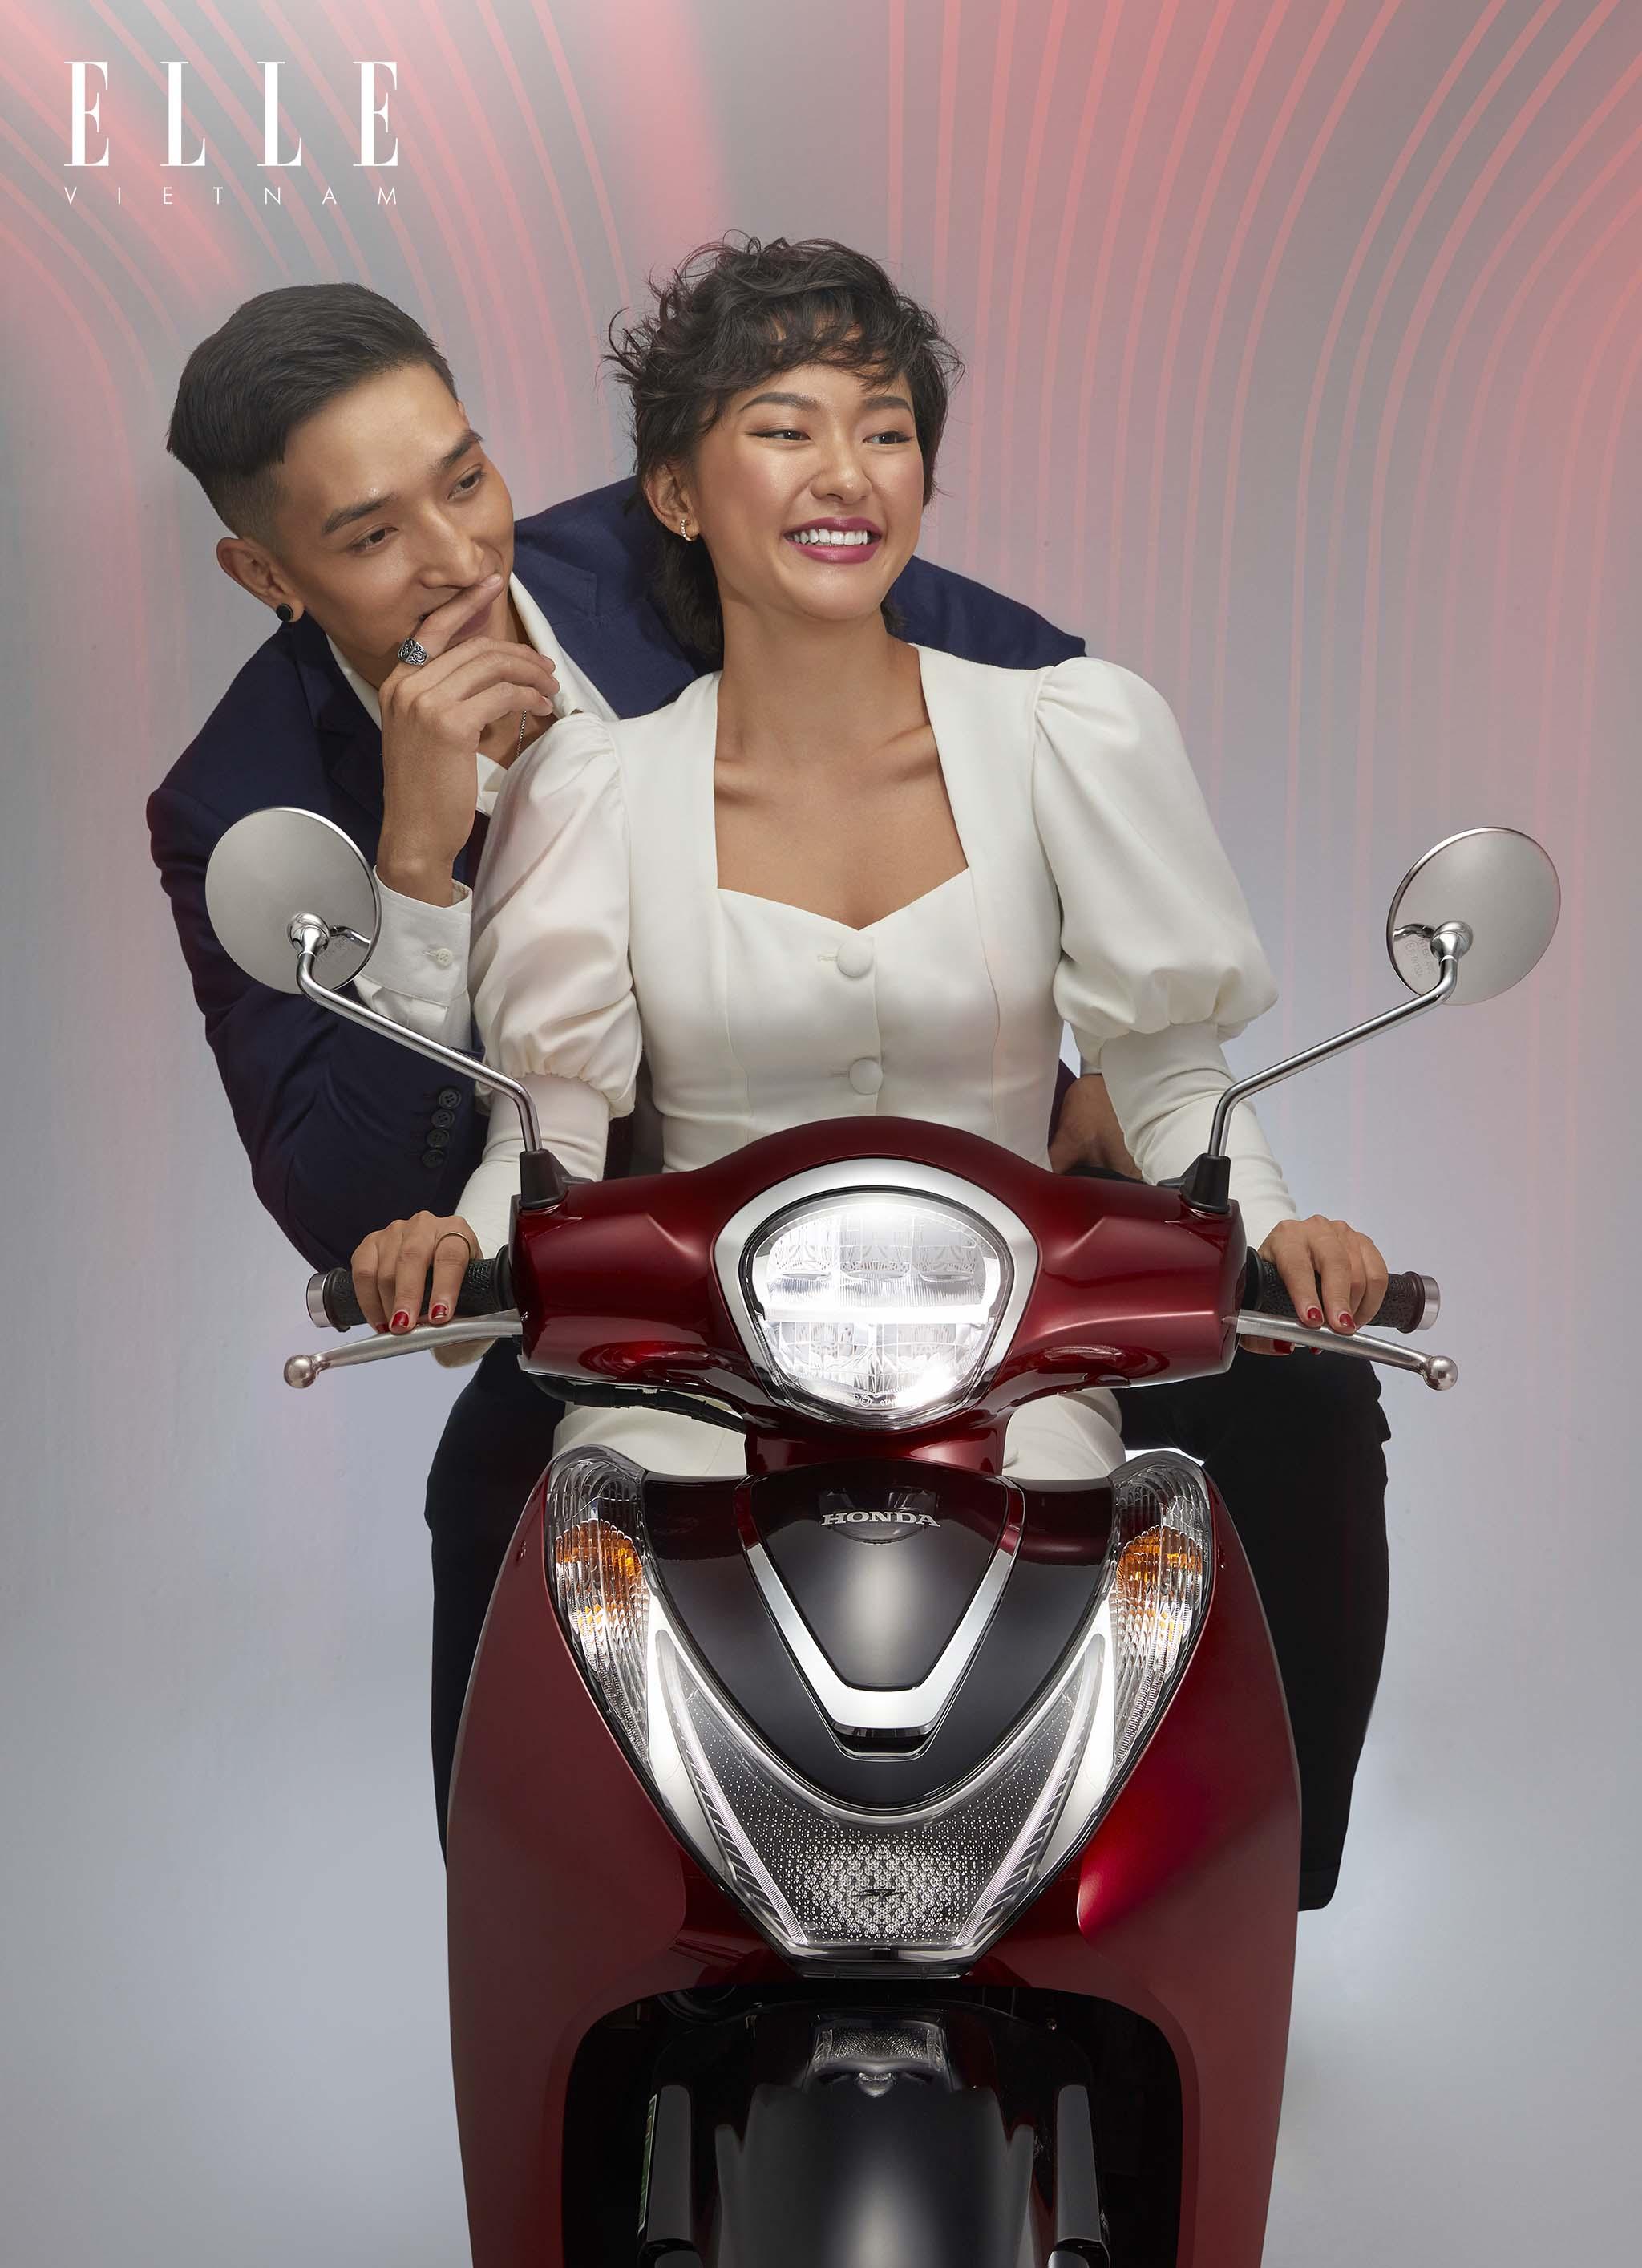 chàng trai và cô gái trên xe sh mode 125cc